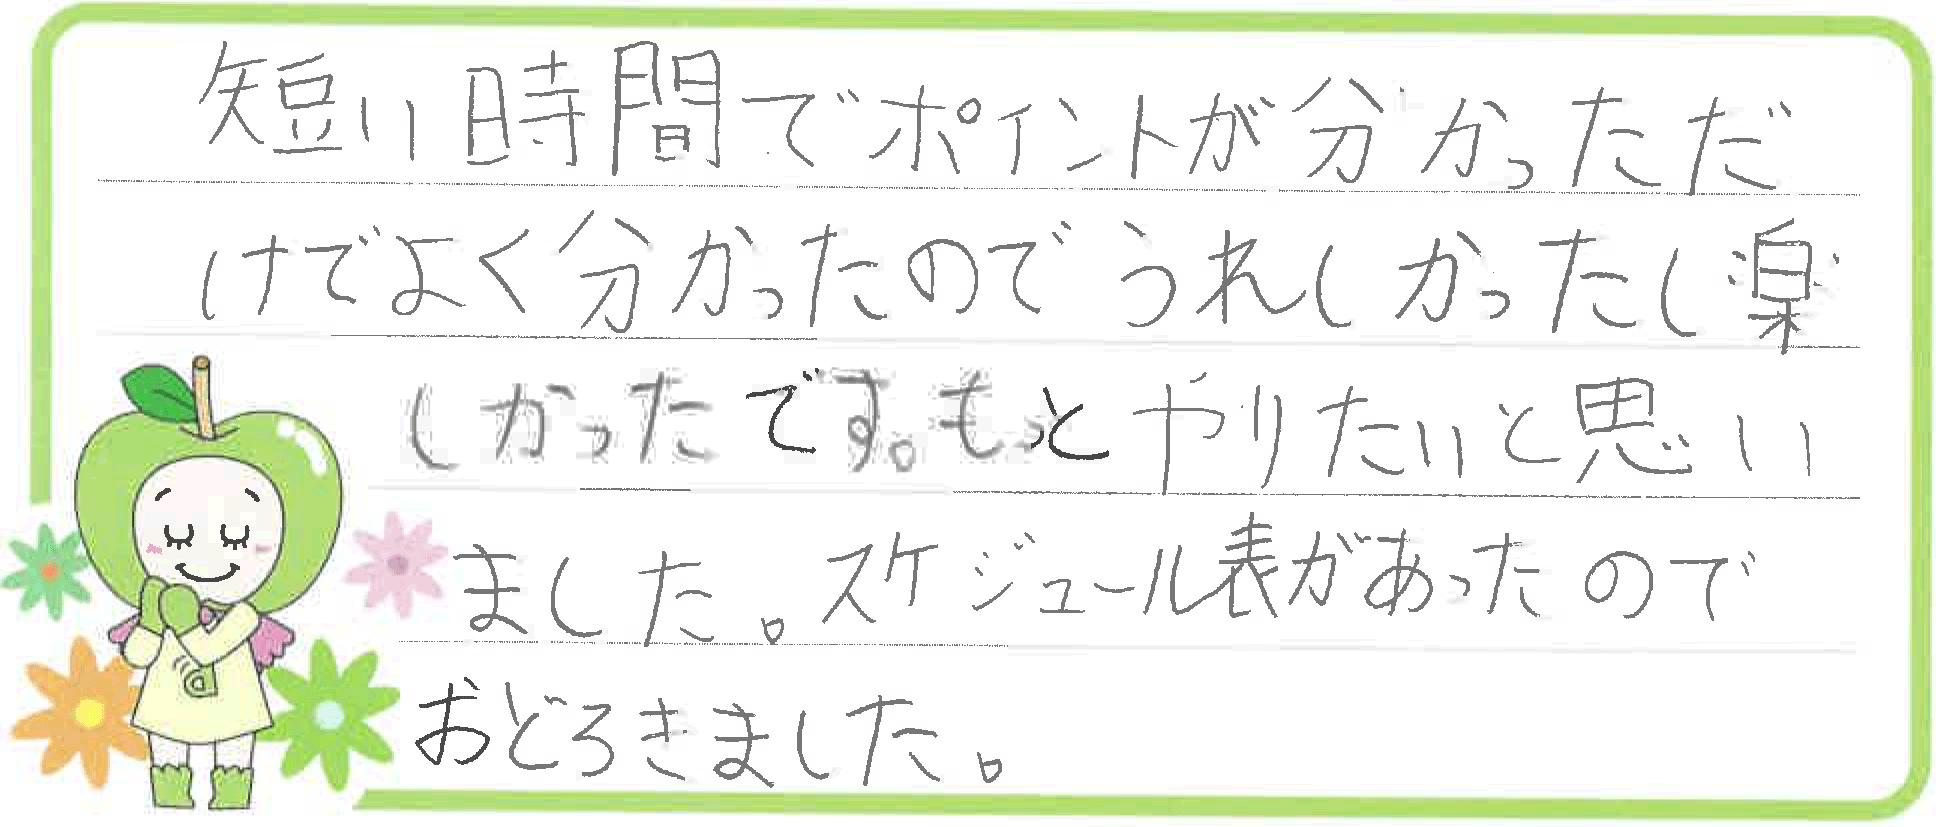 かなちゃん(大垣市)からの口コミ